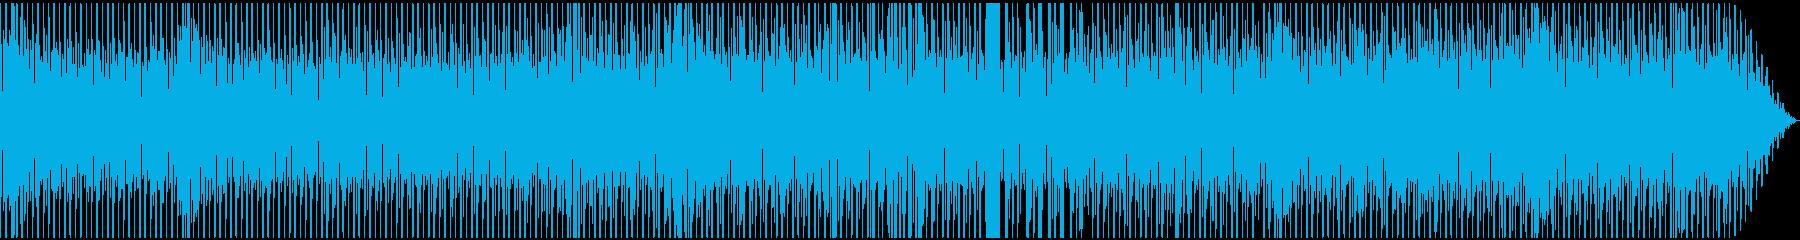 徐々に迫り来る緊張感とビートの再生済みの波形